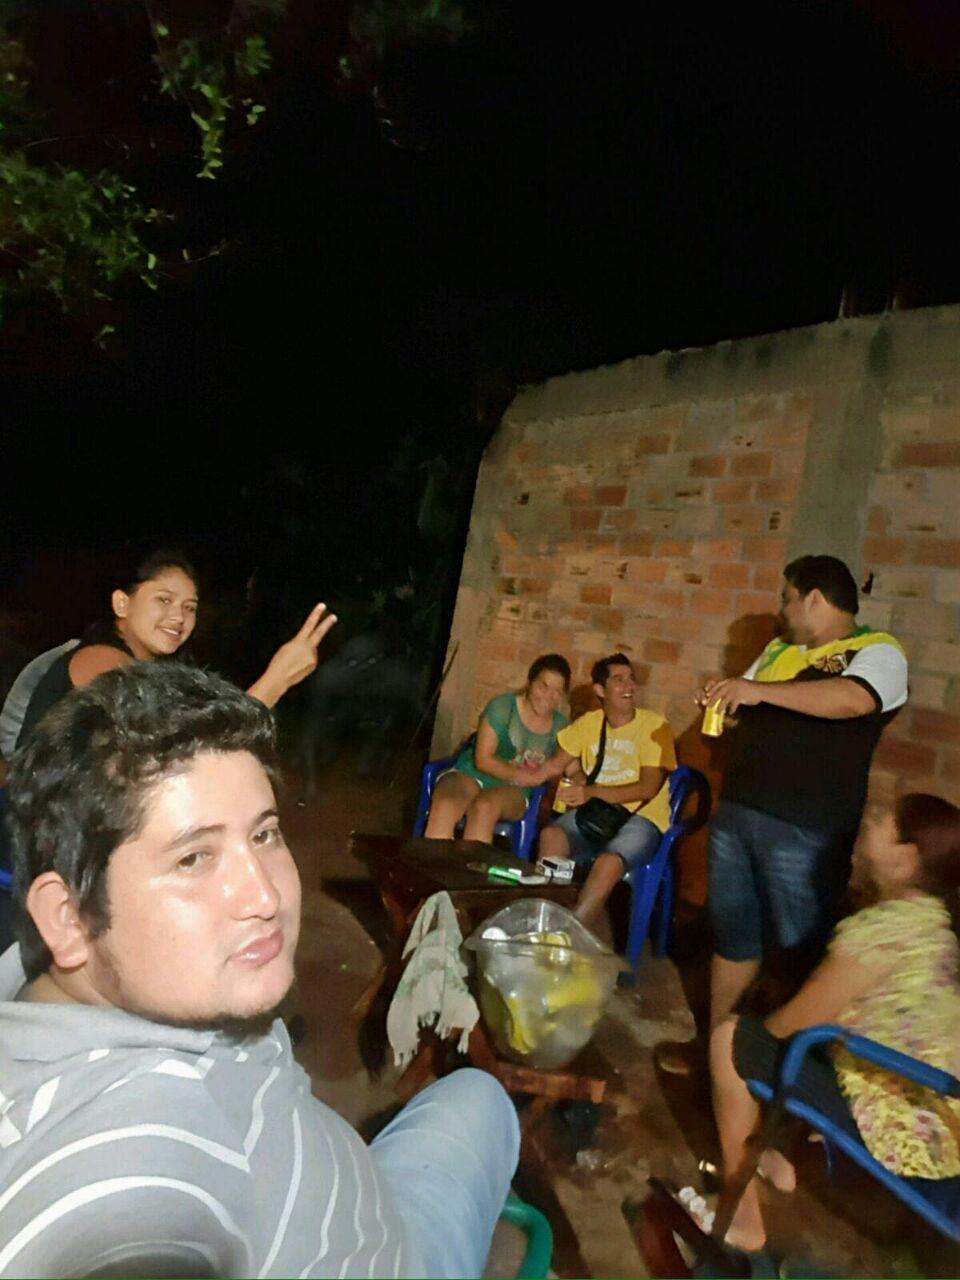 Espírito aparece em foto no Maranhão! Será verdade? (foto: Reprodução/WhatsApp)